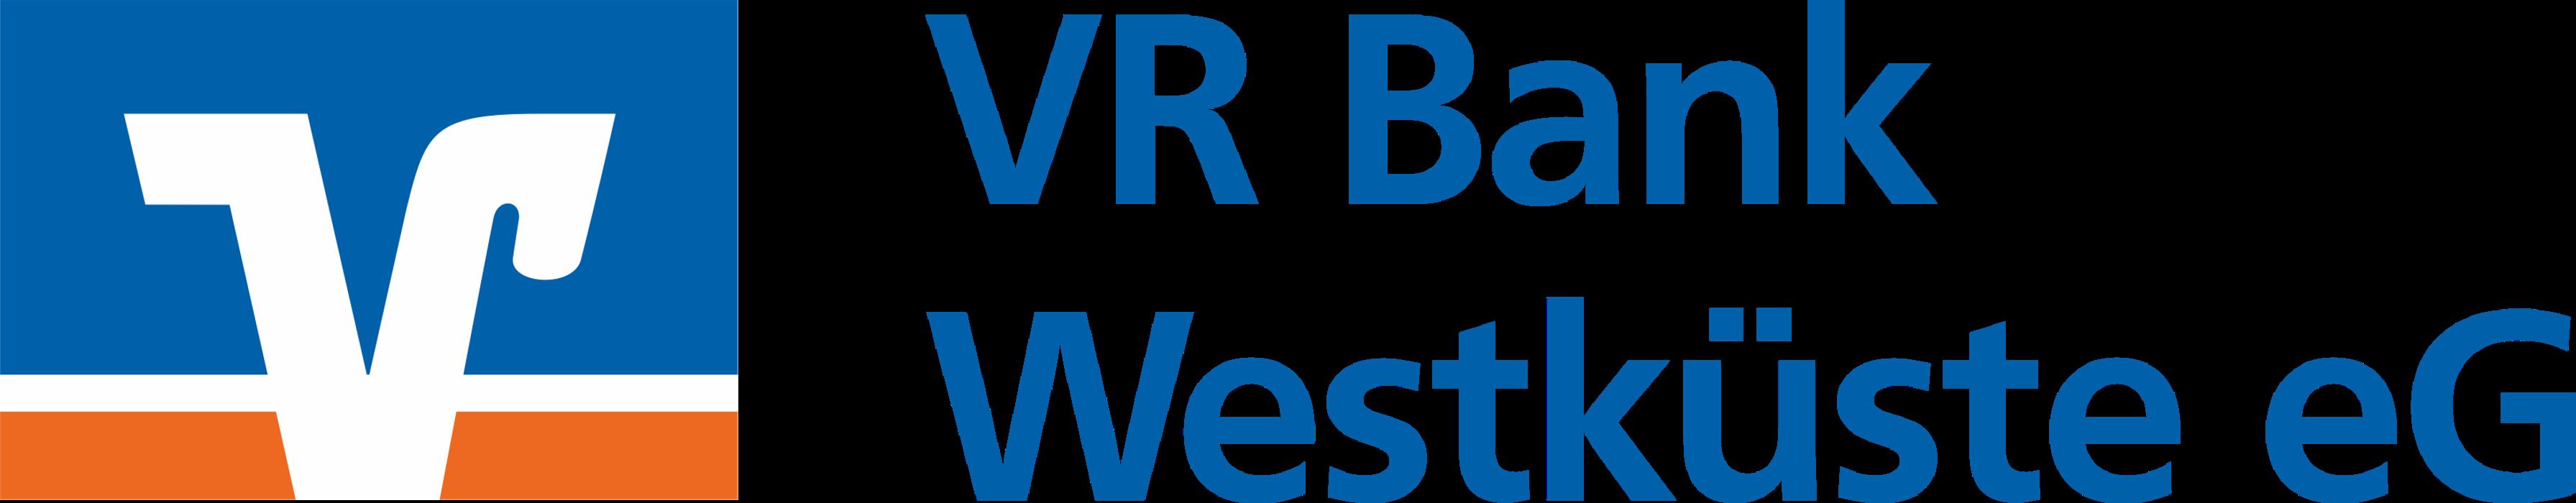 Logo von VR Bank Westküste eG Geschäftsstelle Garding